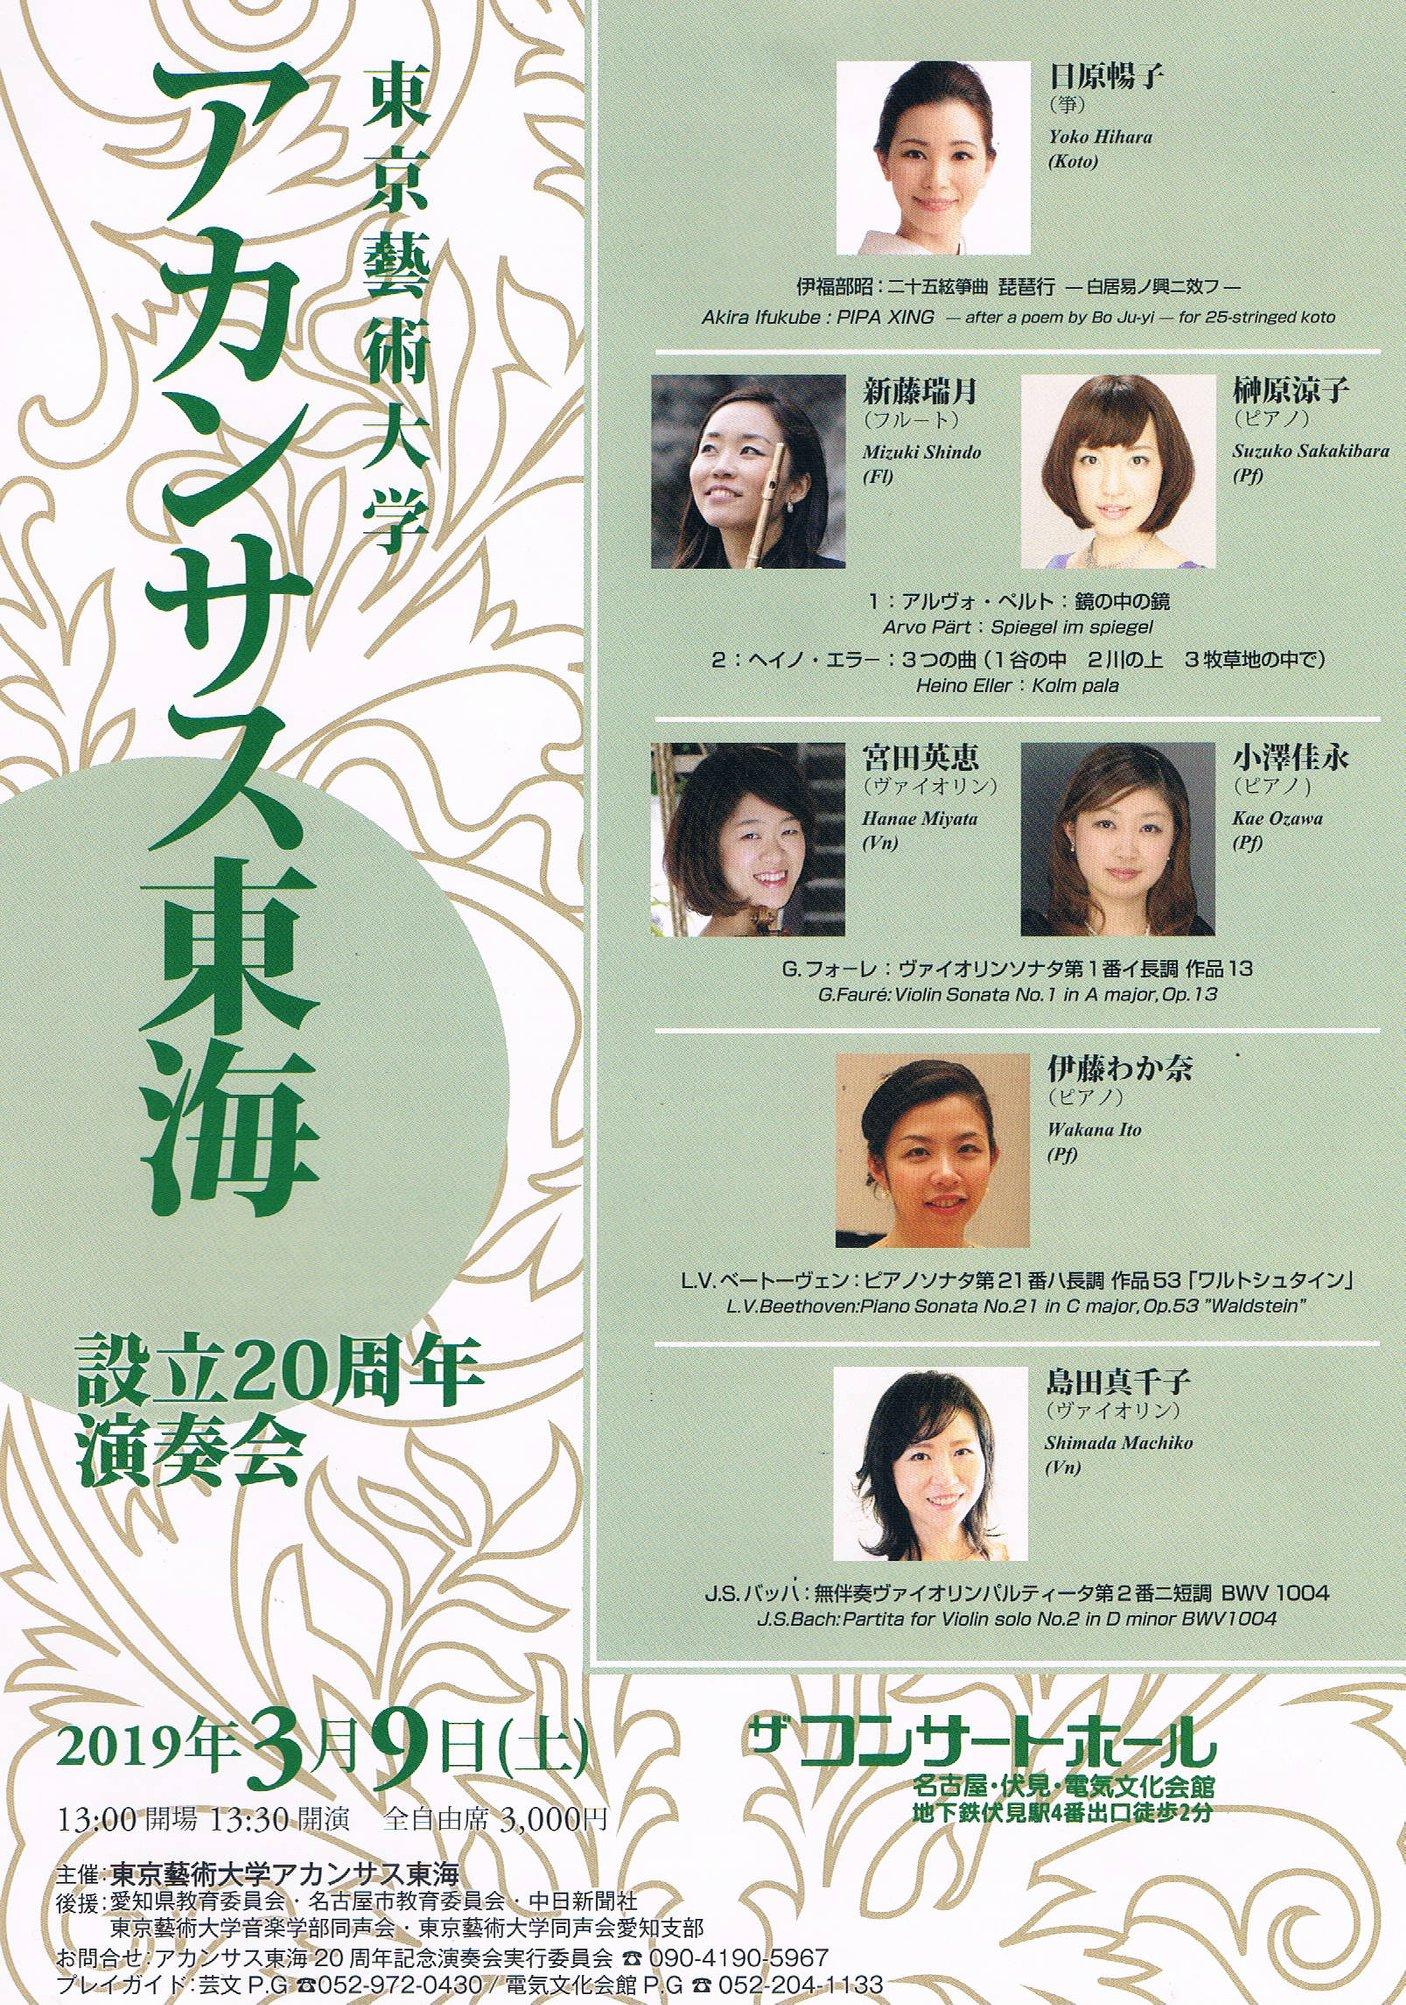 東京藝術大学 アカンサス東海 設立20周年演奏会